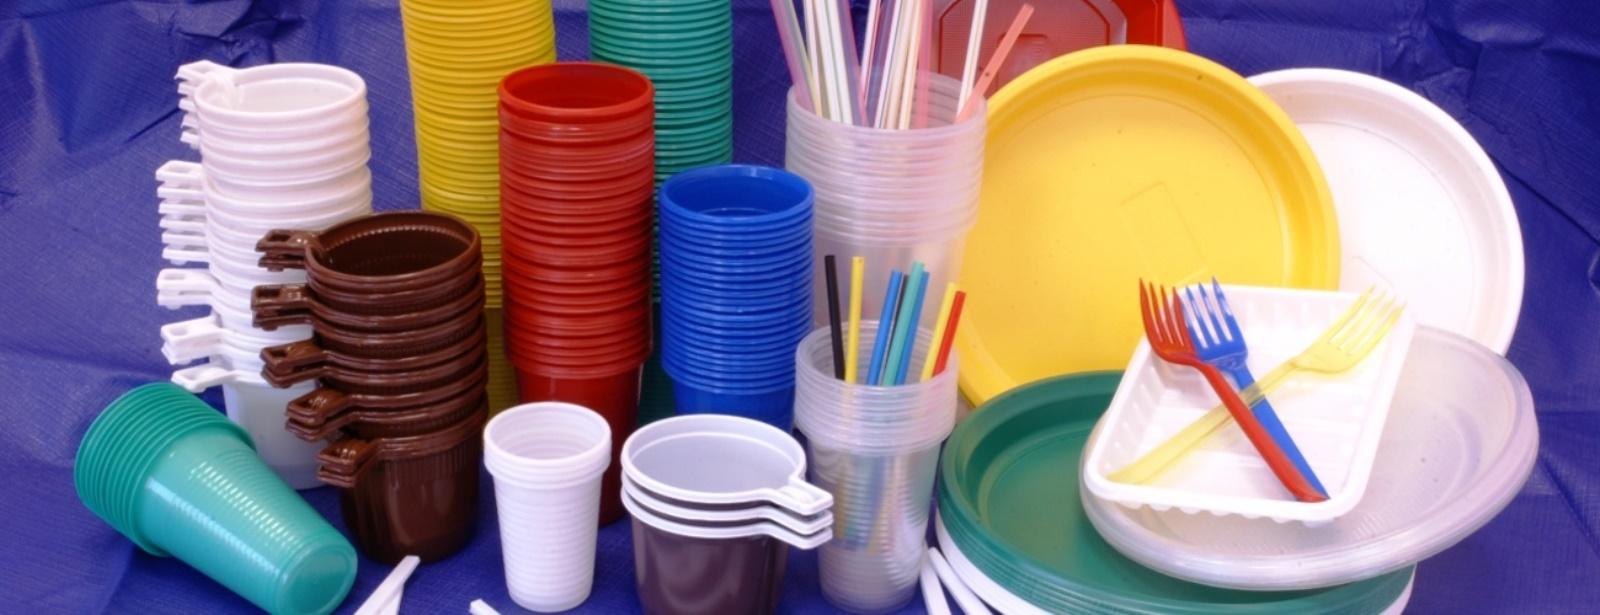 Ошибки в обращении с полимерной тарой и упаковкой для пищевых продуктов - тема этого материала, который мы подготовили совместно с поставщиком профильного оборудования, изделий и материалов